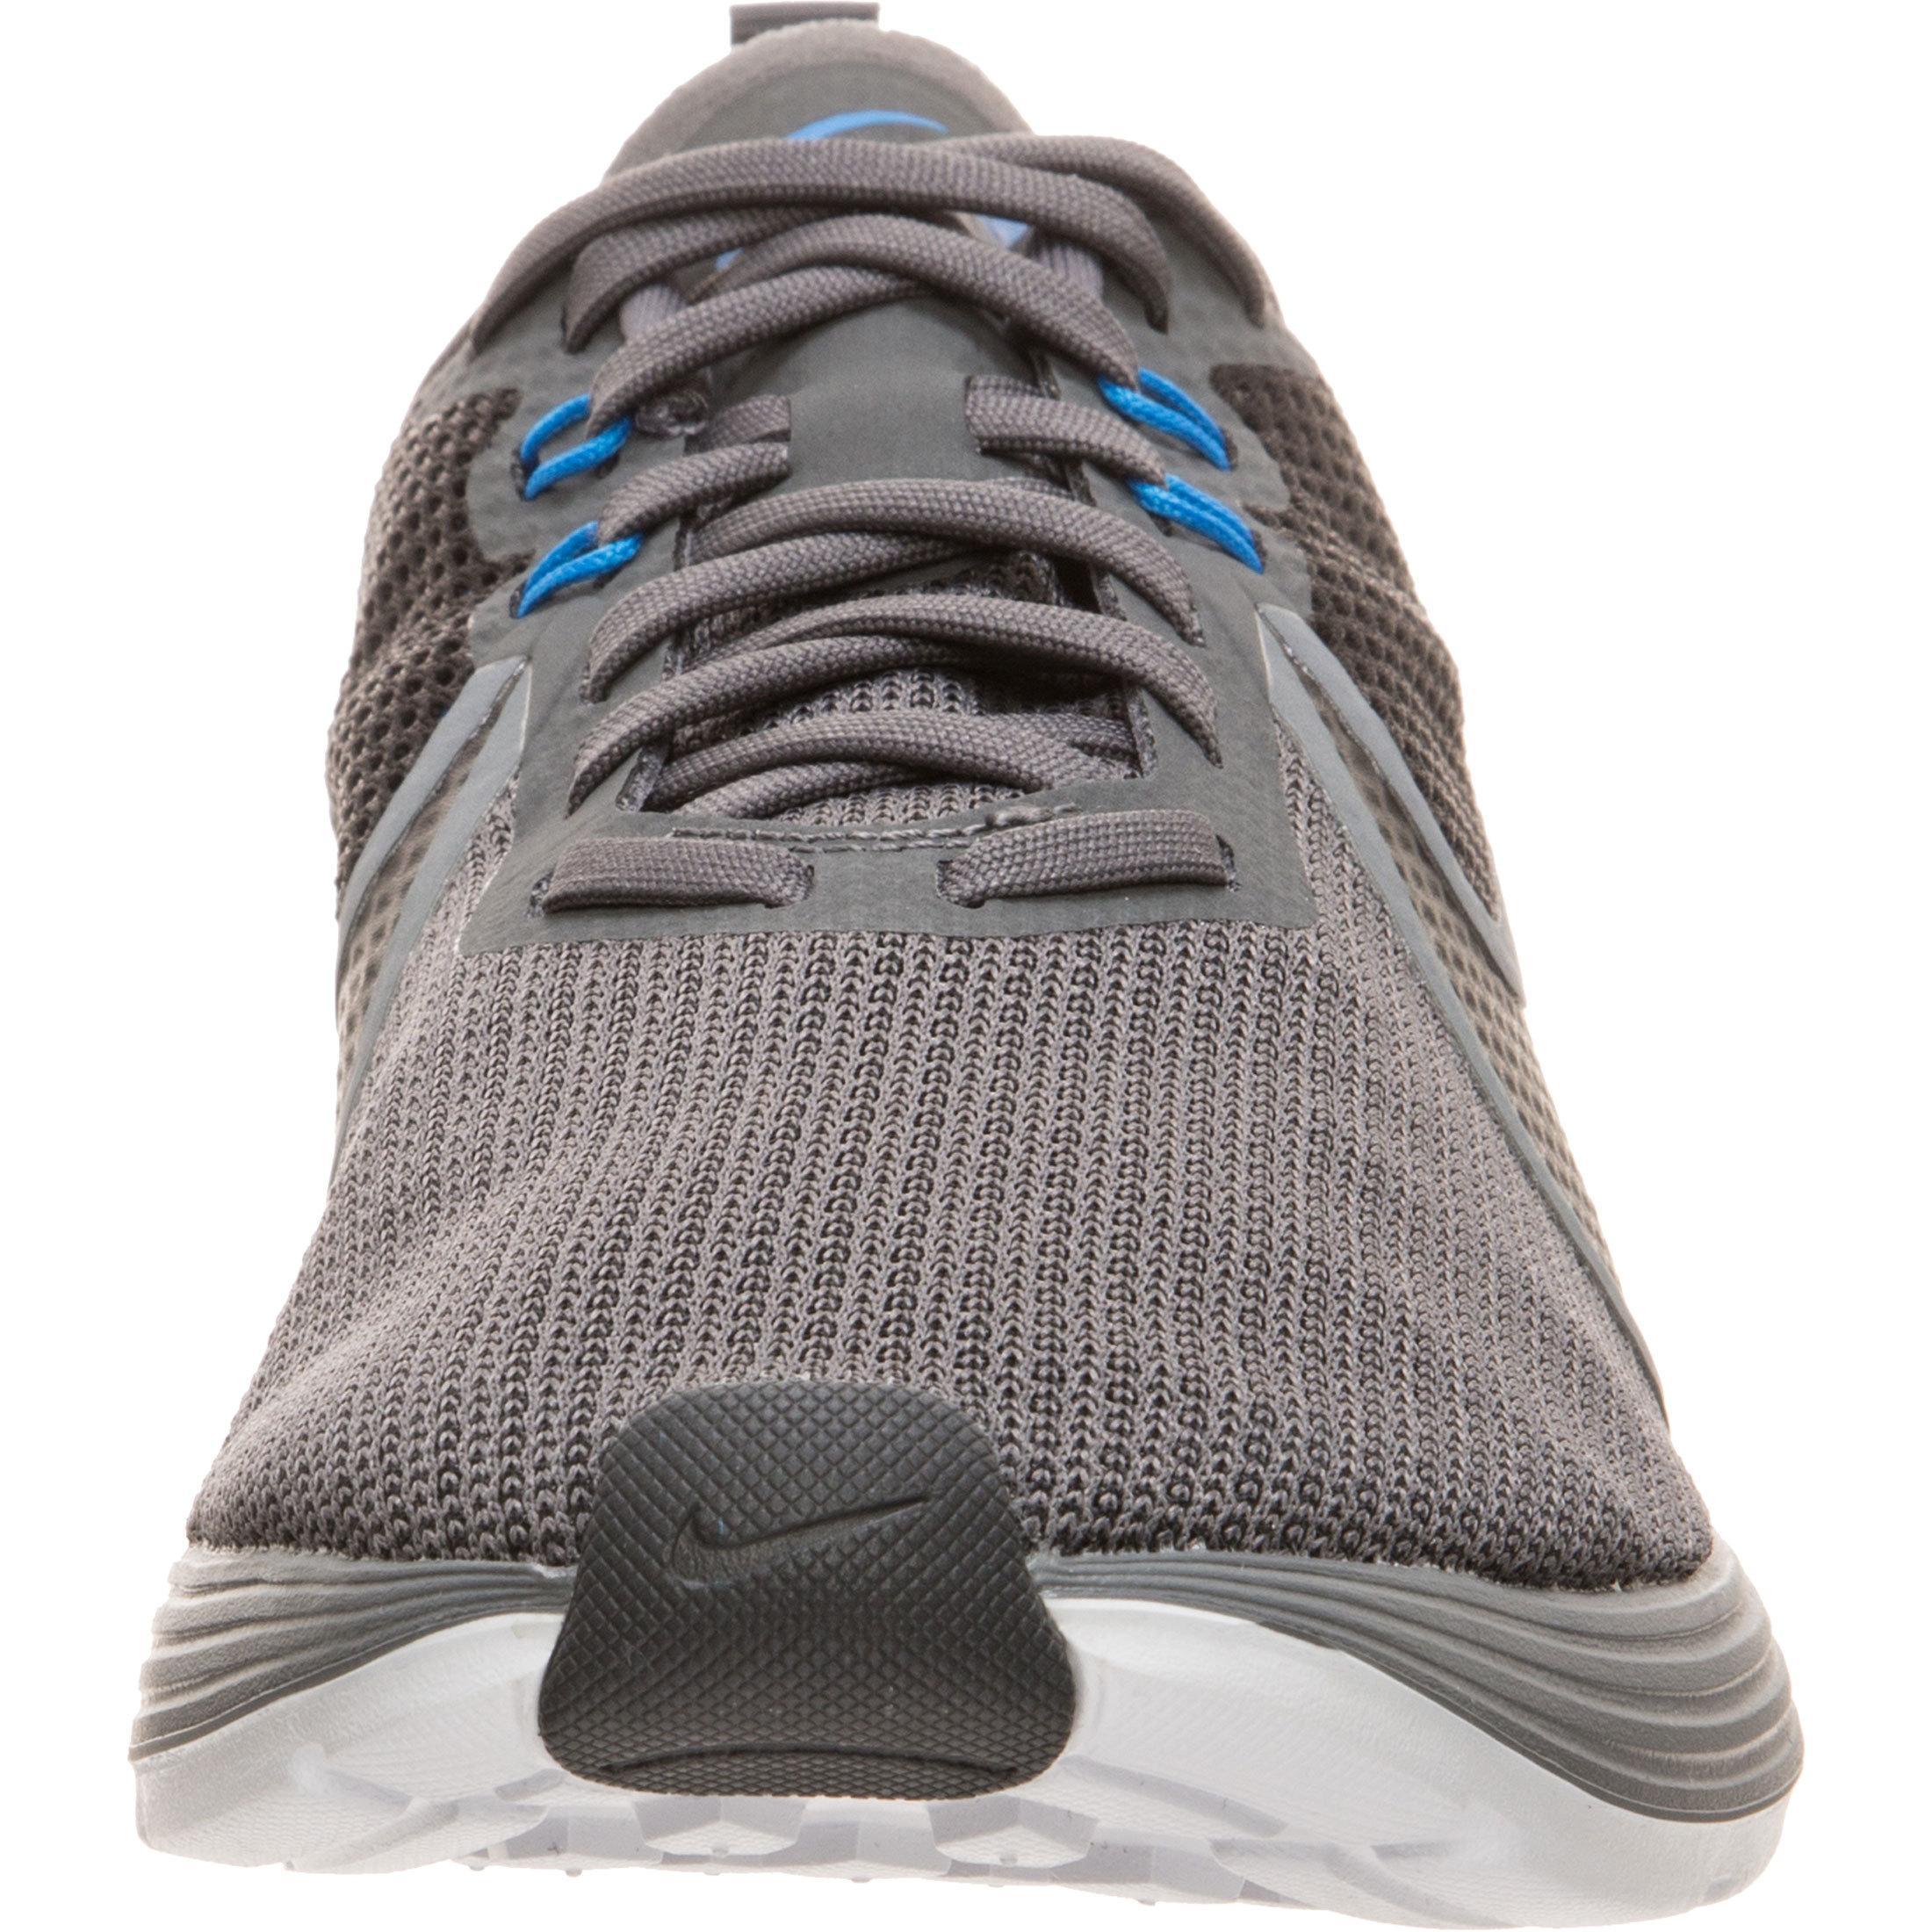 Nike Zoom Strike 2 Laufschuhe Herren schwarz     weiß im Online Shop von SportScheck kaufen Gute Qualität beliebte Schuhe 56bf99